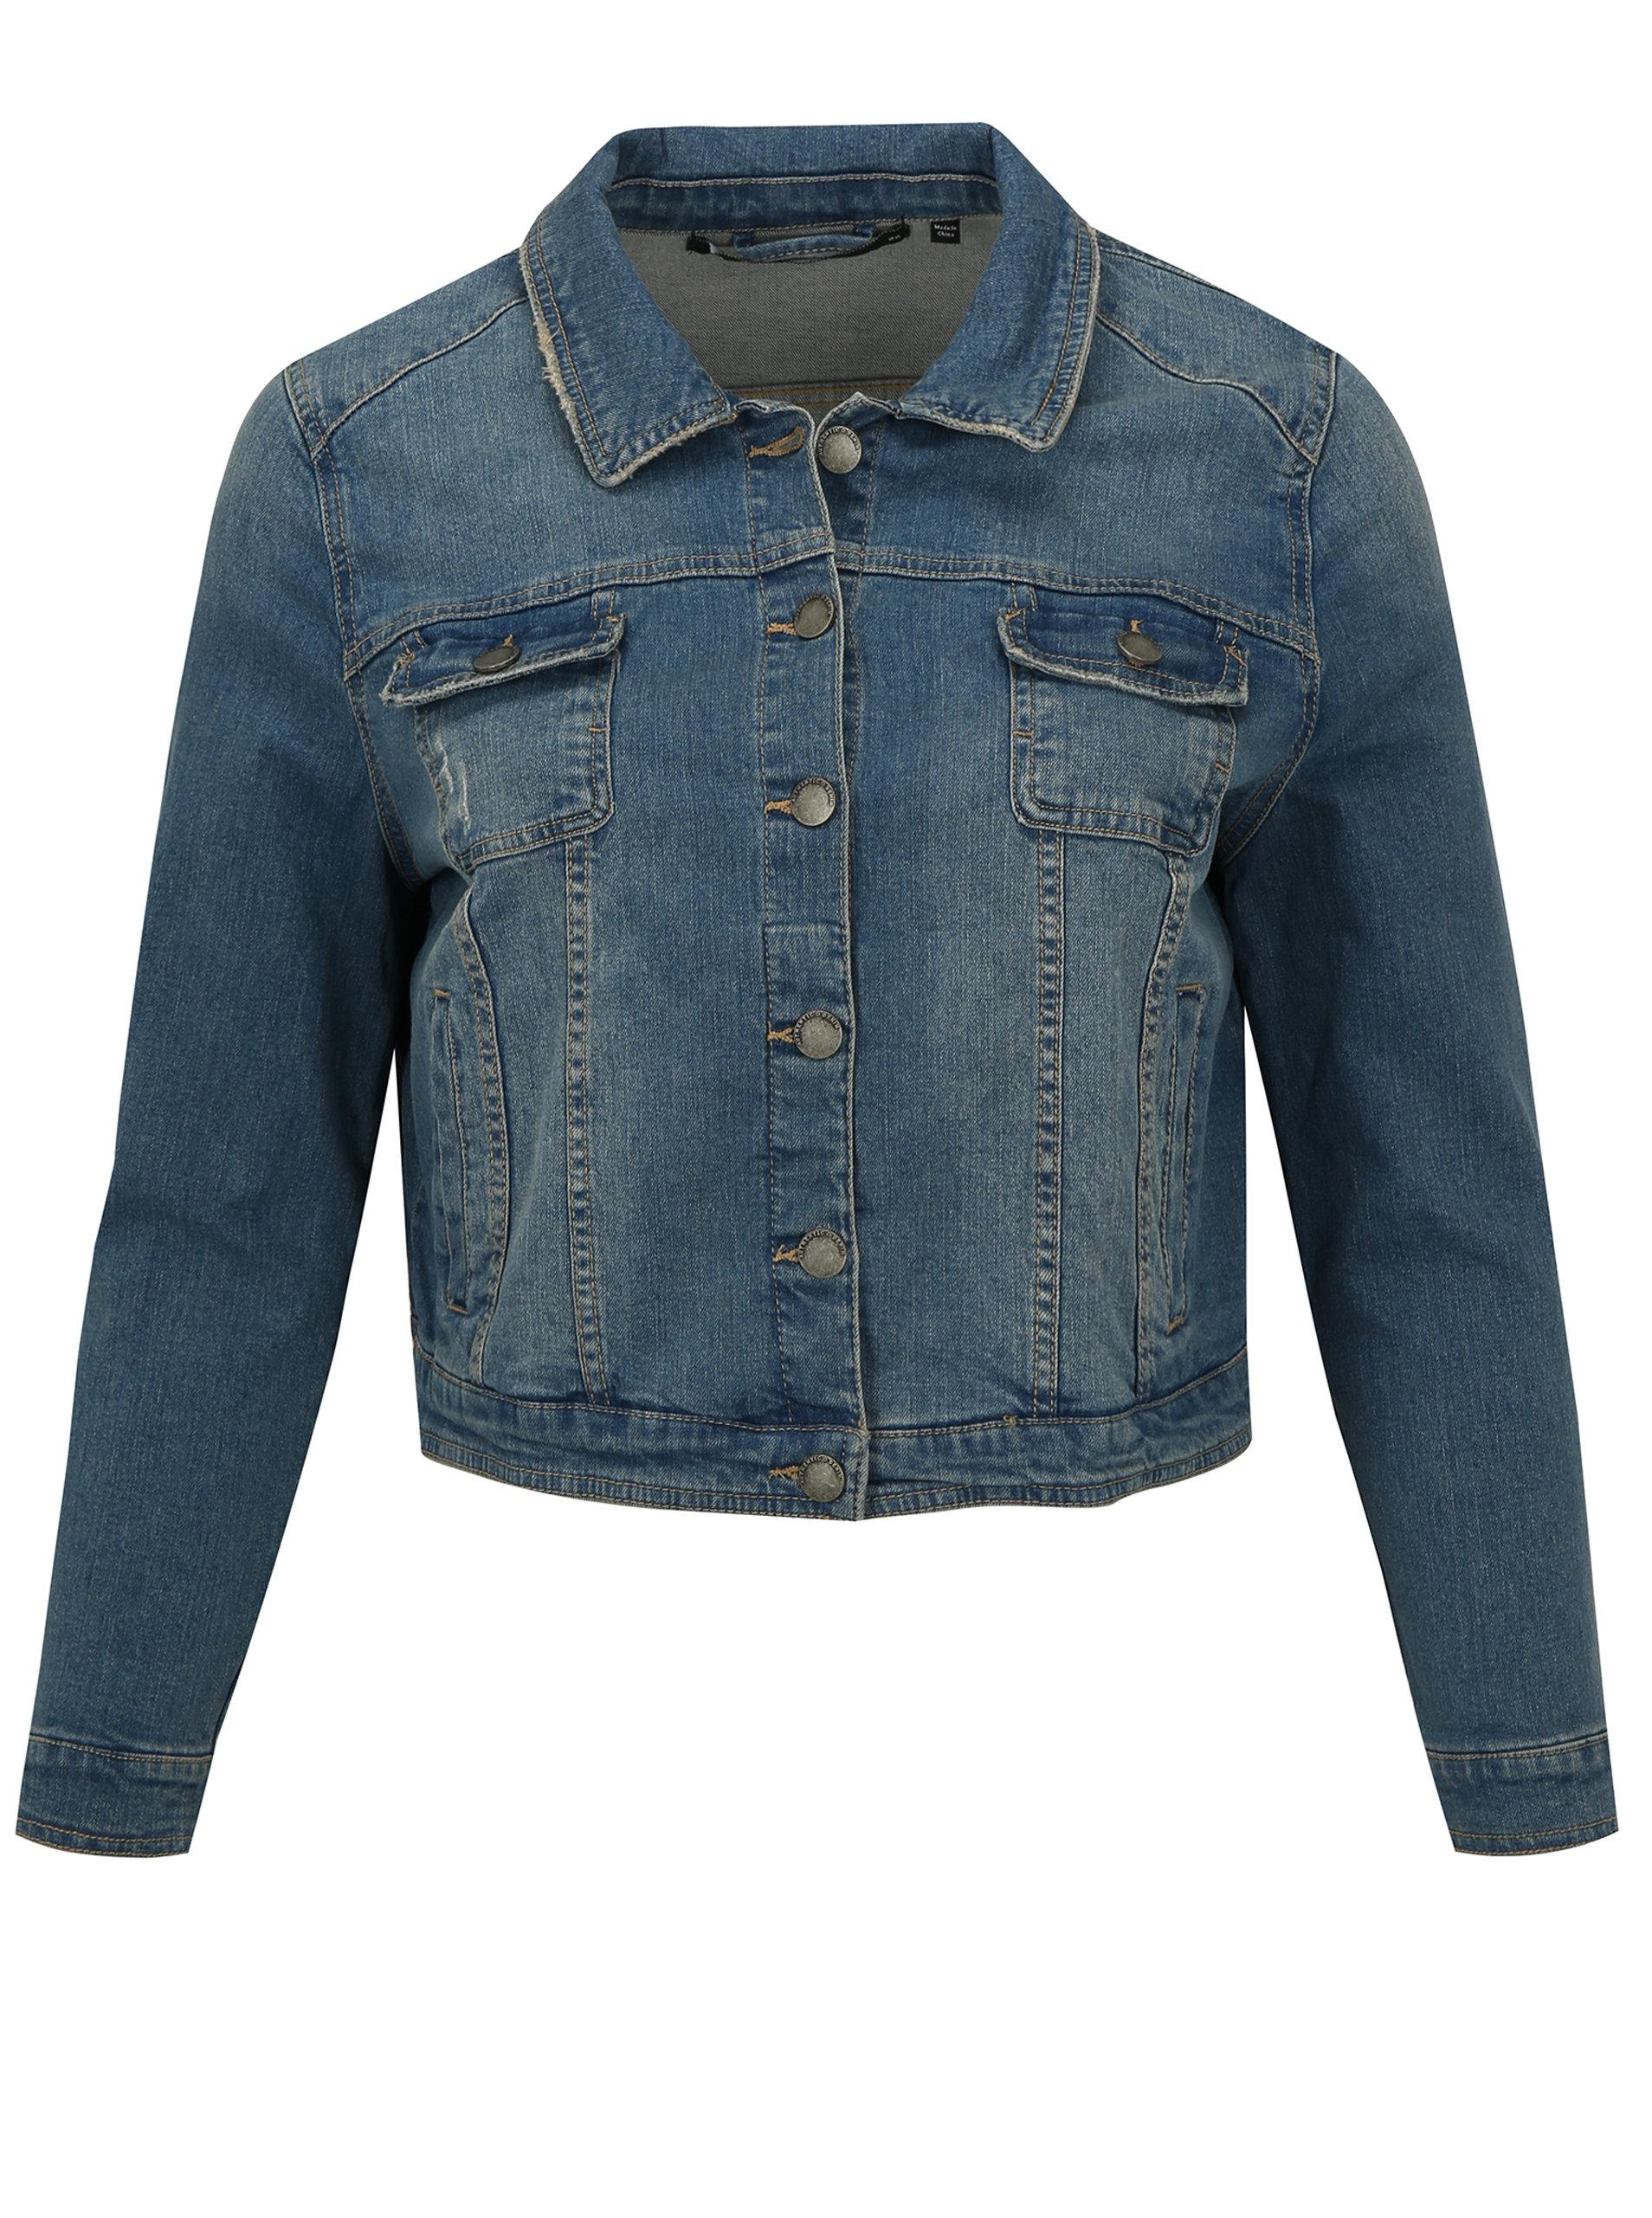 Světle modrá krátká džínová bunda simply be.